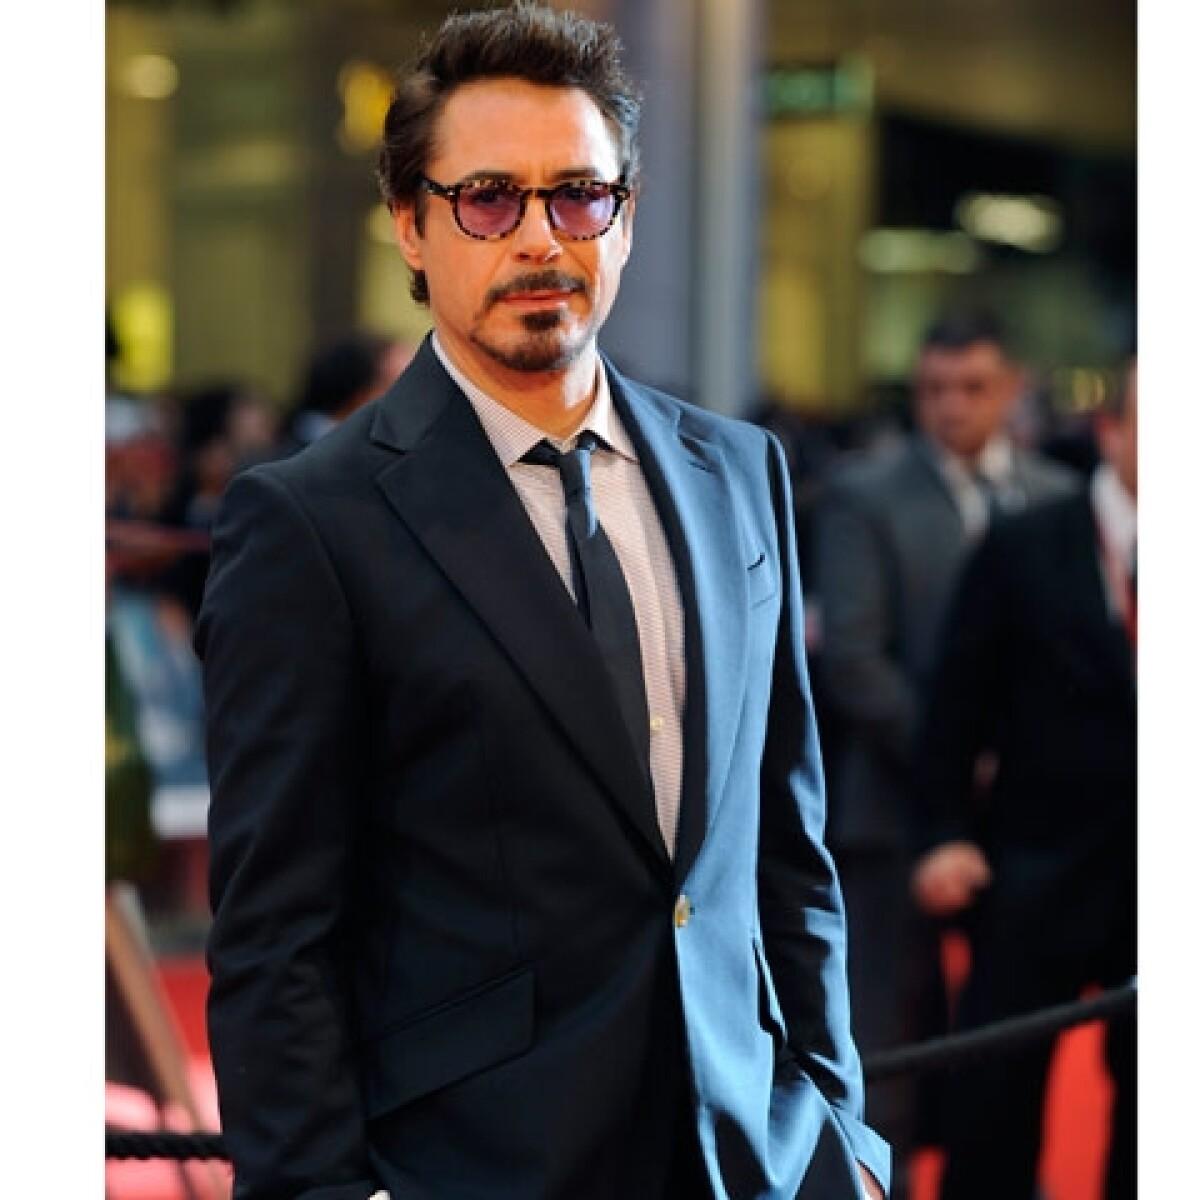 Robert Downey Jr. un galán que mejora con la edad